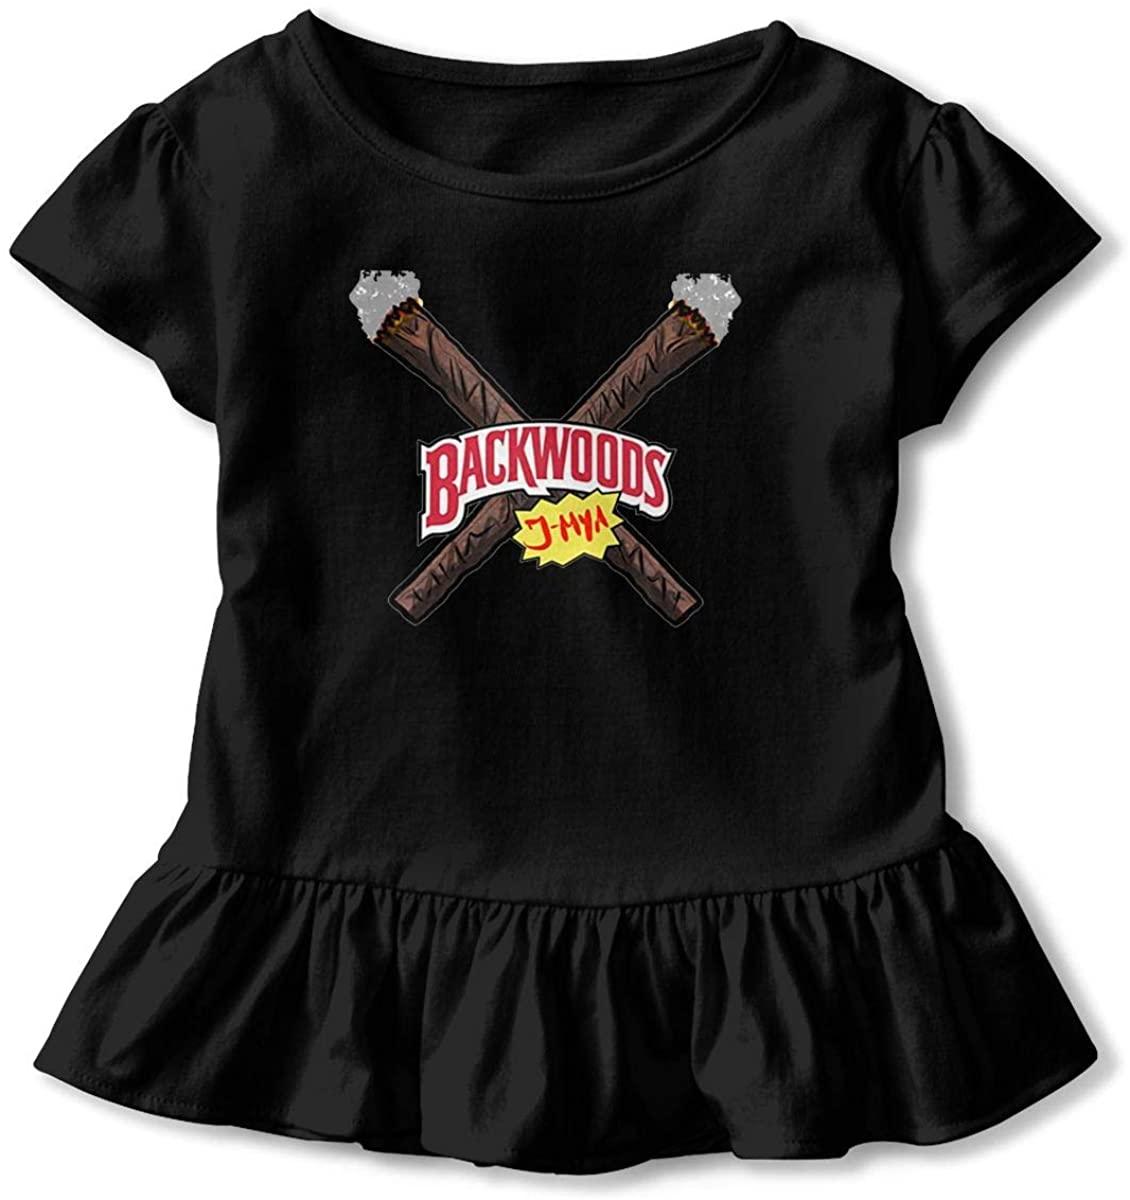 AP.Room Little Girls Cotton Casual Print Short Sleeve Skirt Backwoods Dresses 2-6tblack